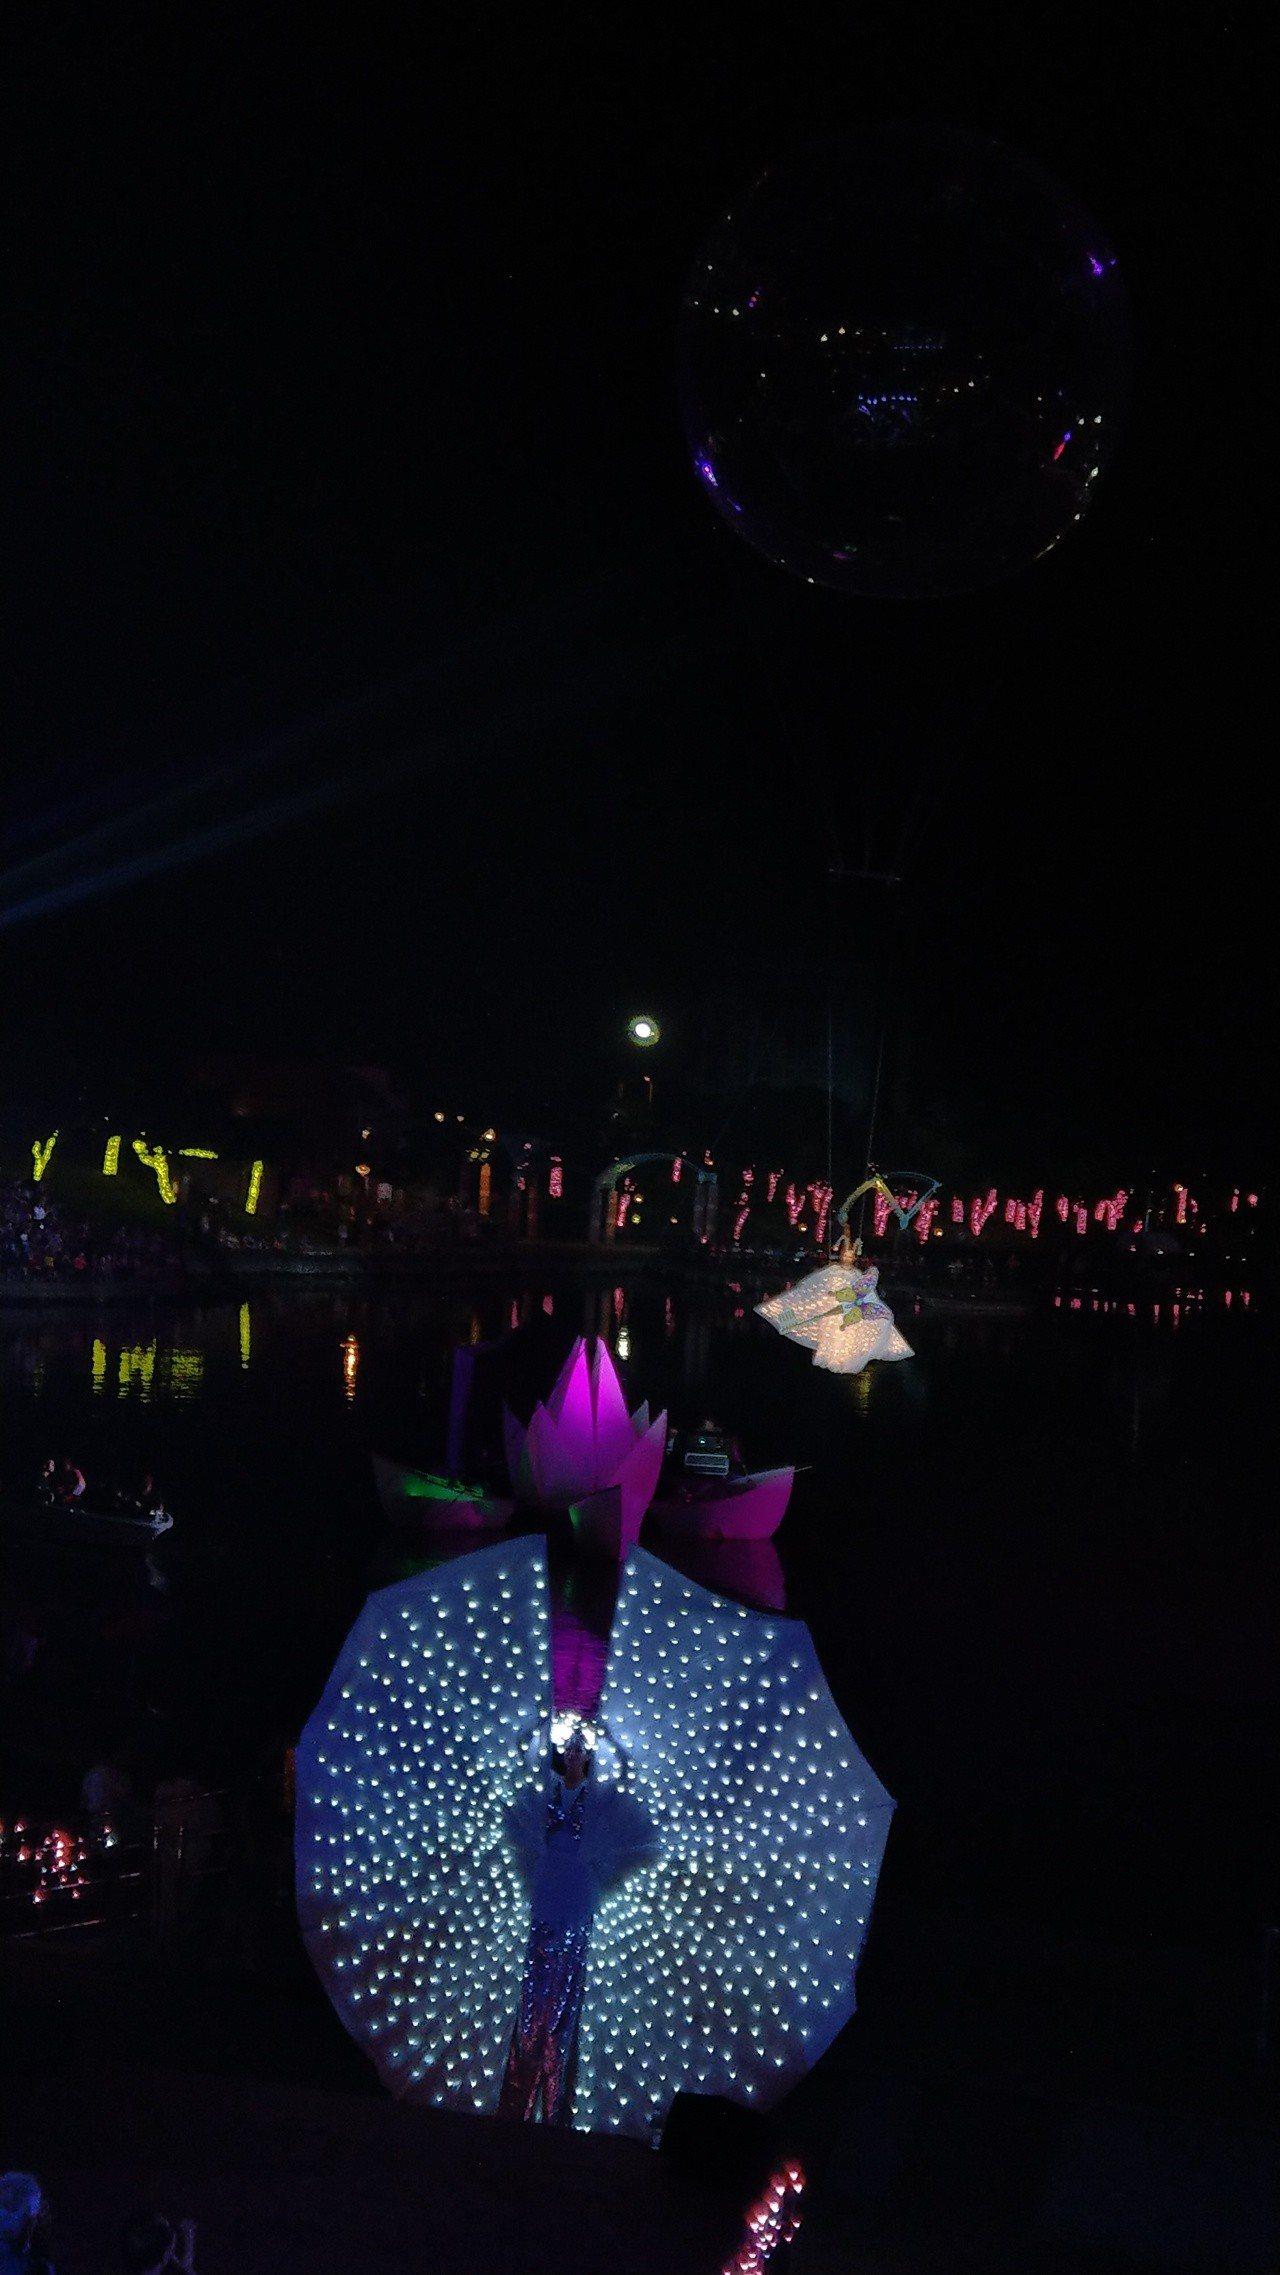 彩蝶飛天、夢想起飛,掀起童玩節開幕水陸空匯演的高潮,連當年創辦童玩節活動的秘克琳...